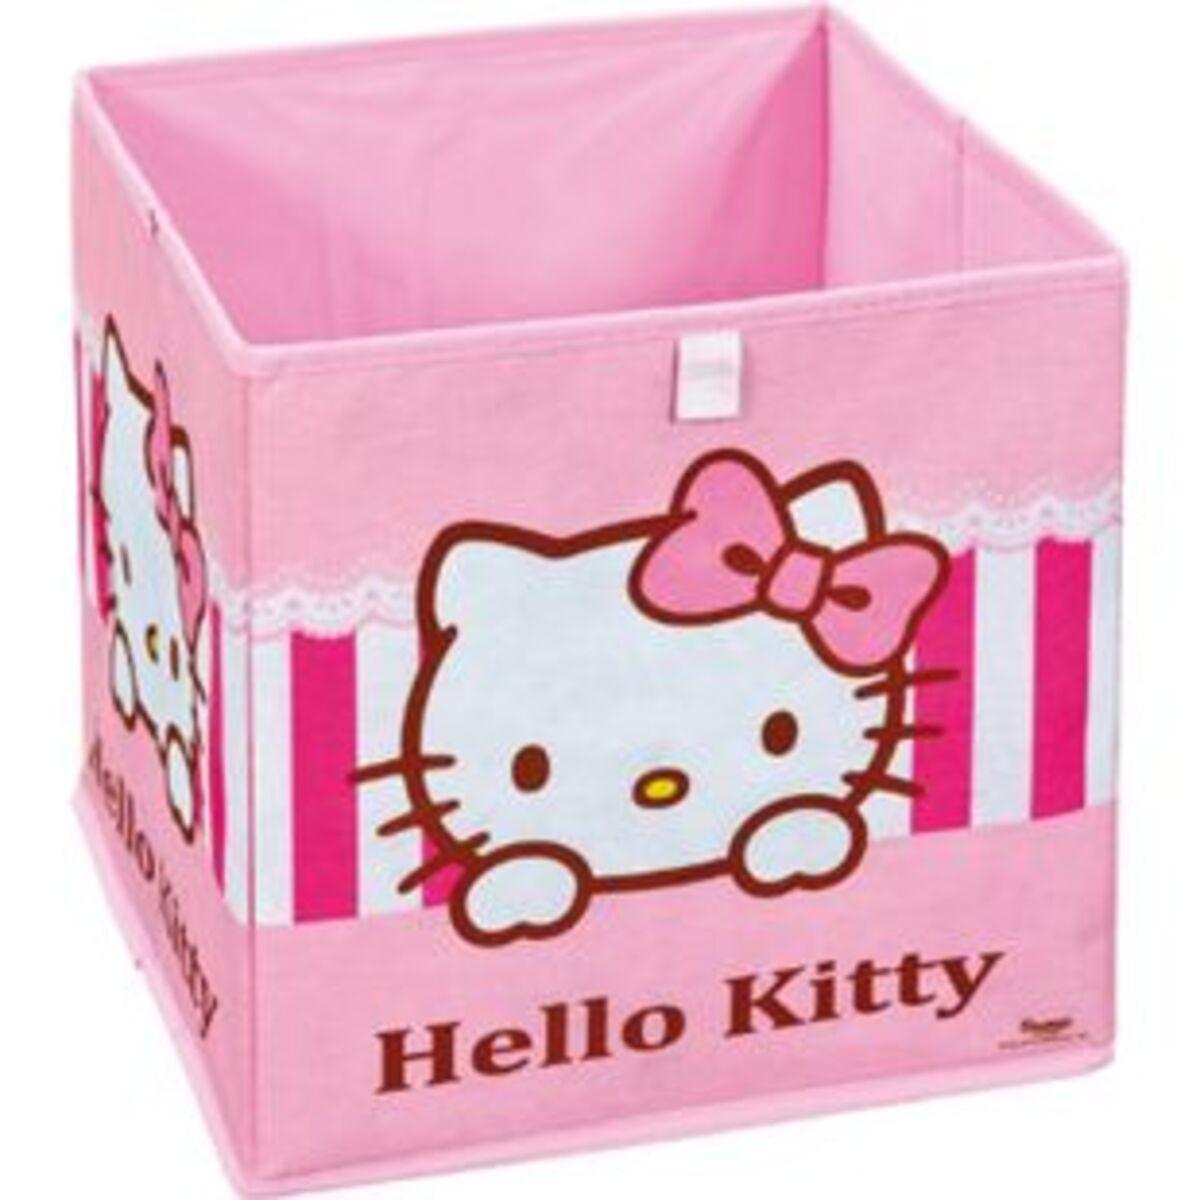 Bild 2 von Inter Link Faltkiste Hello Kitty Sweat pink